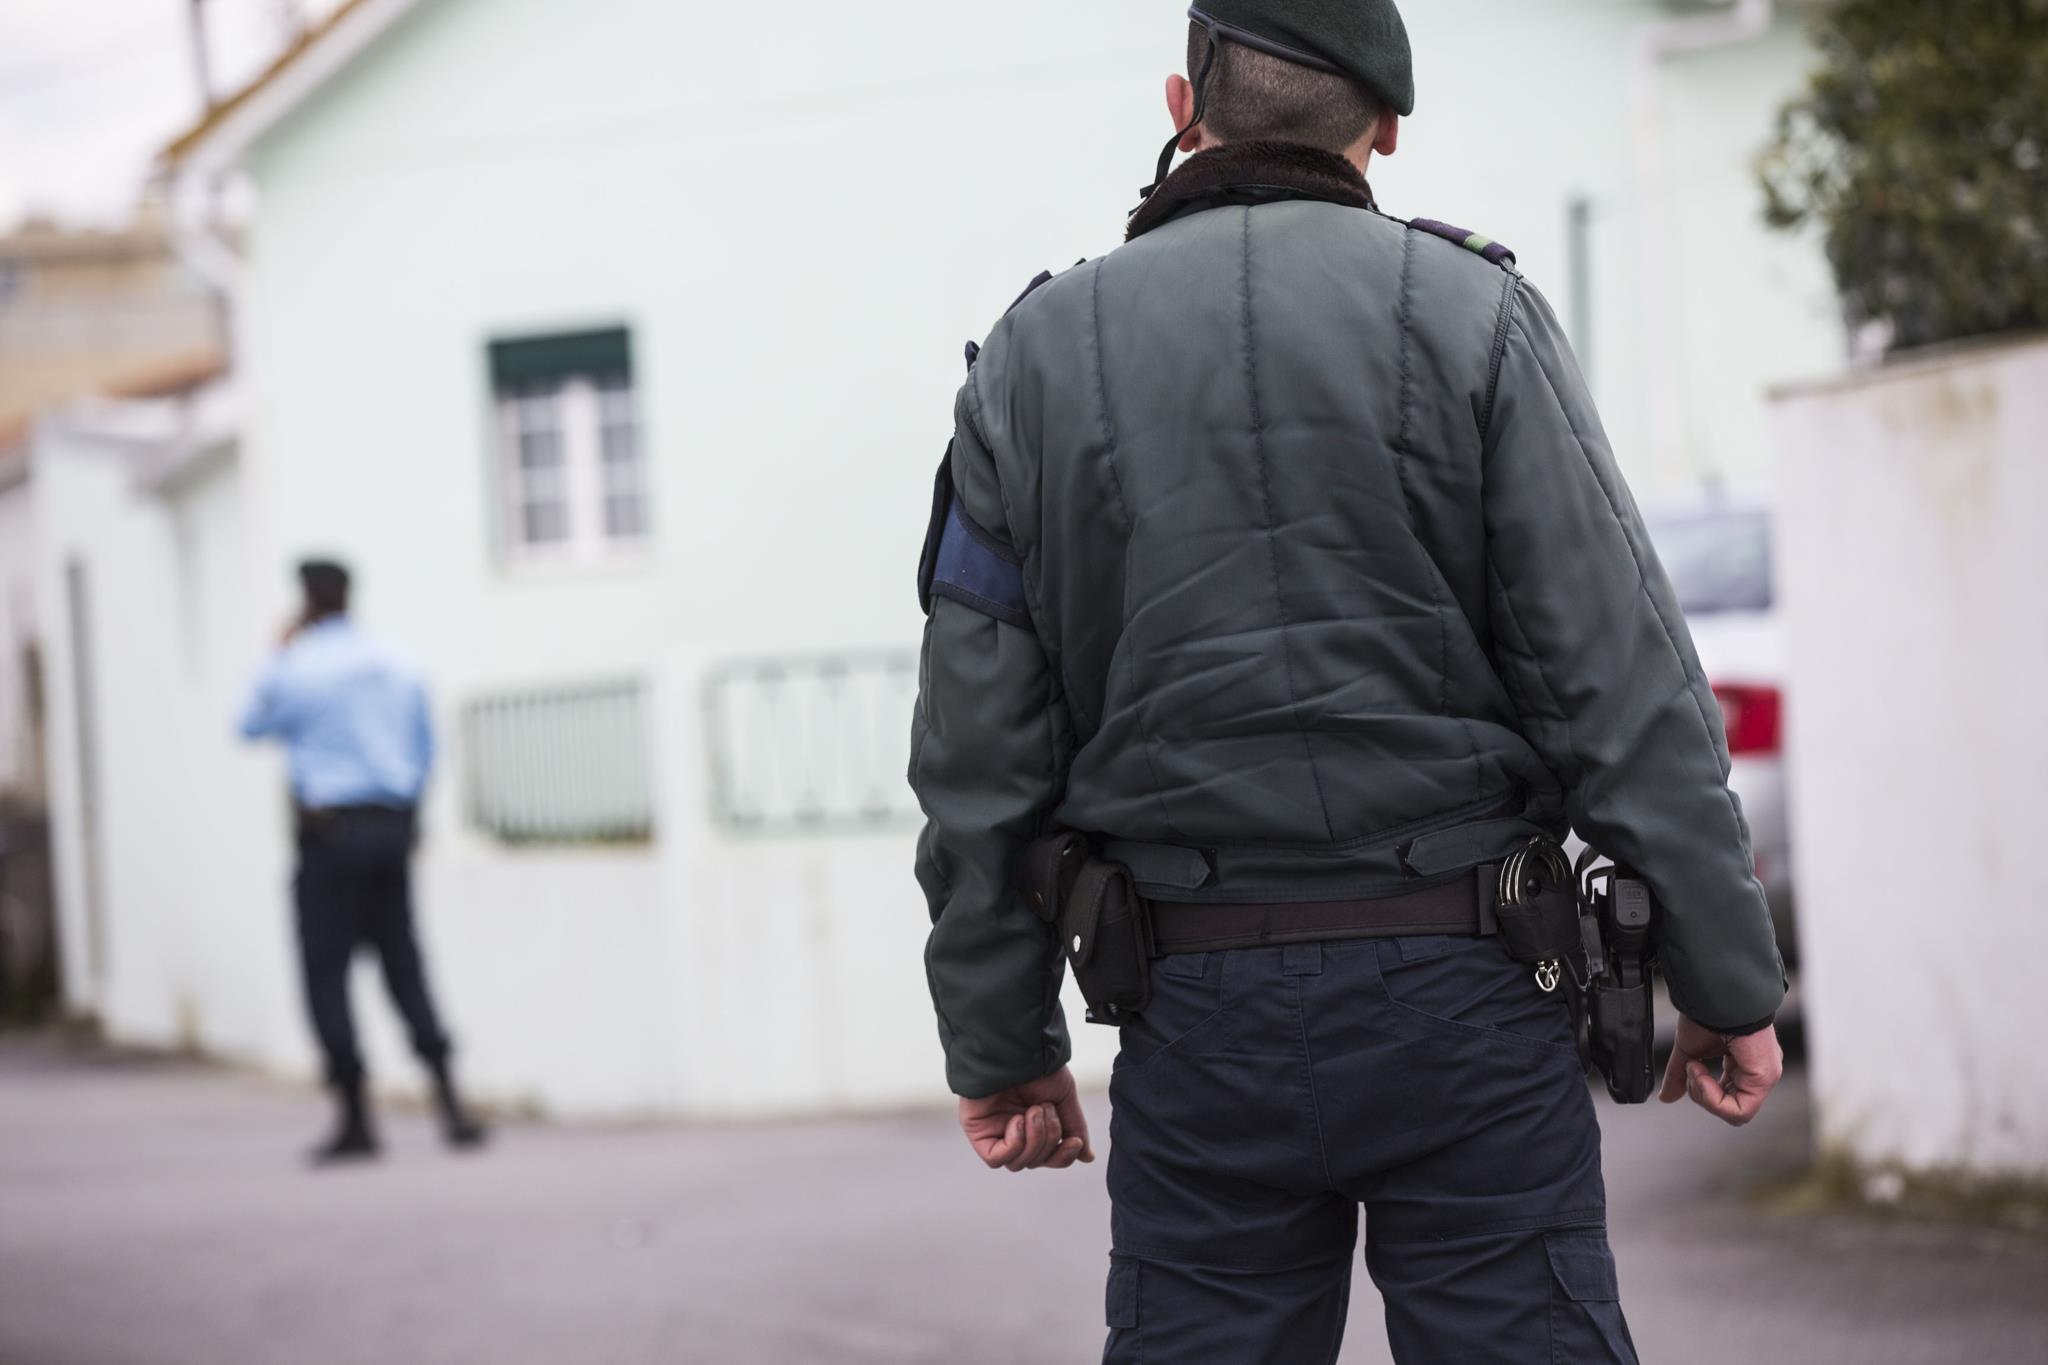 PÚBLICO - Militar da GNR atropelado quando mandava parar motociclista